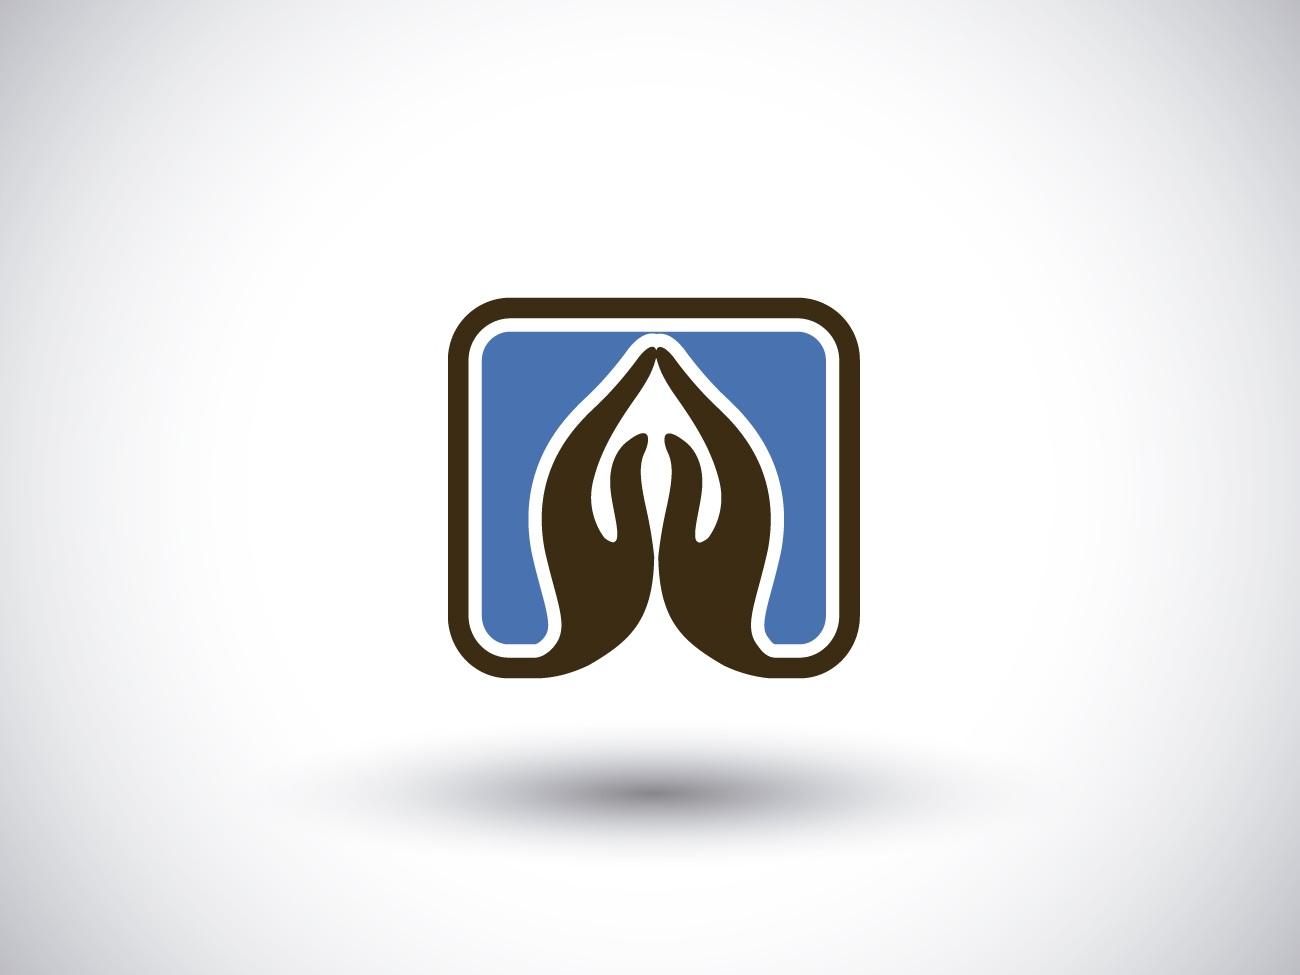 Praying+hands+logo.jpg